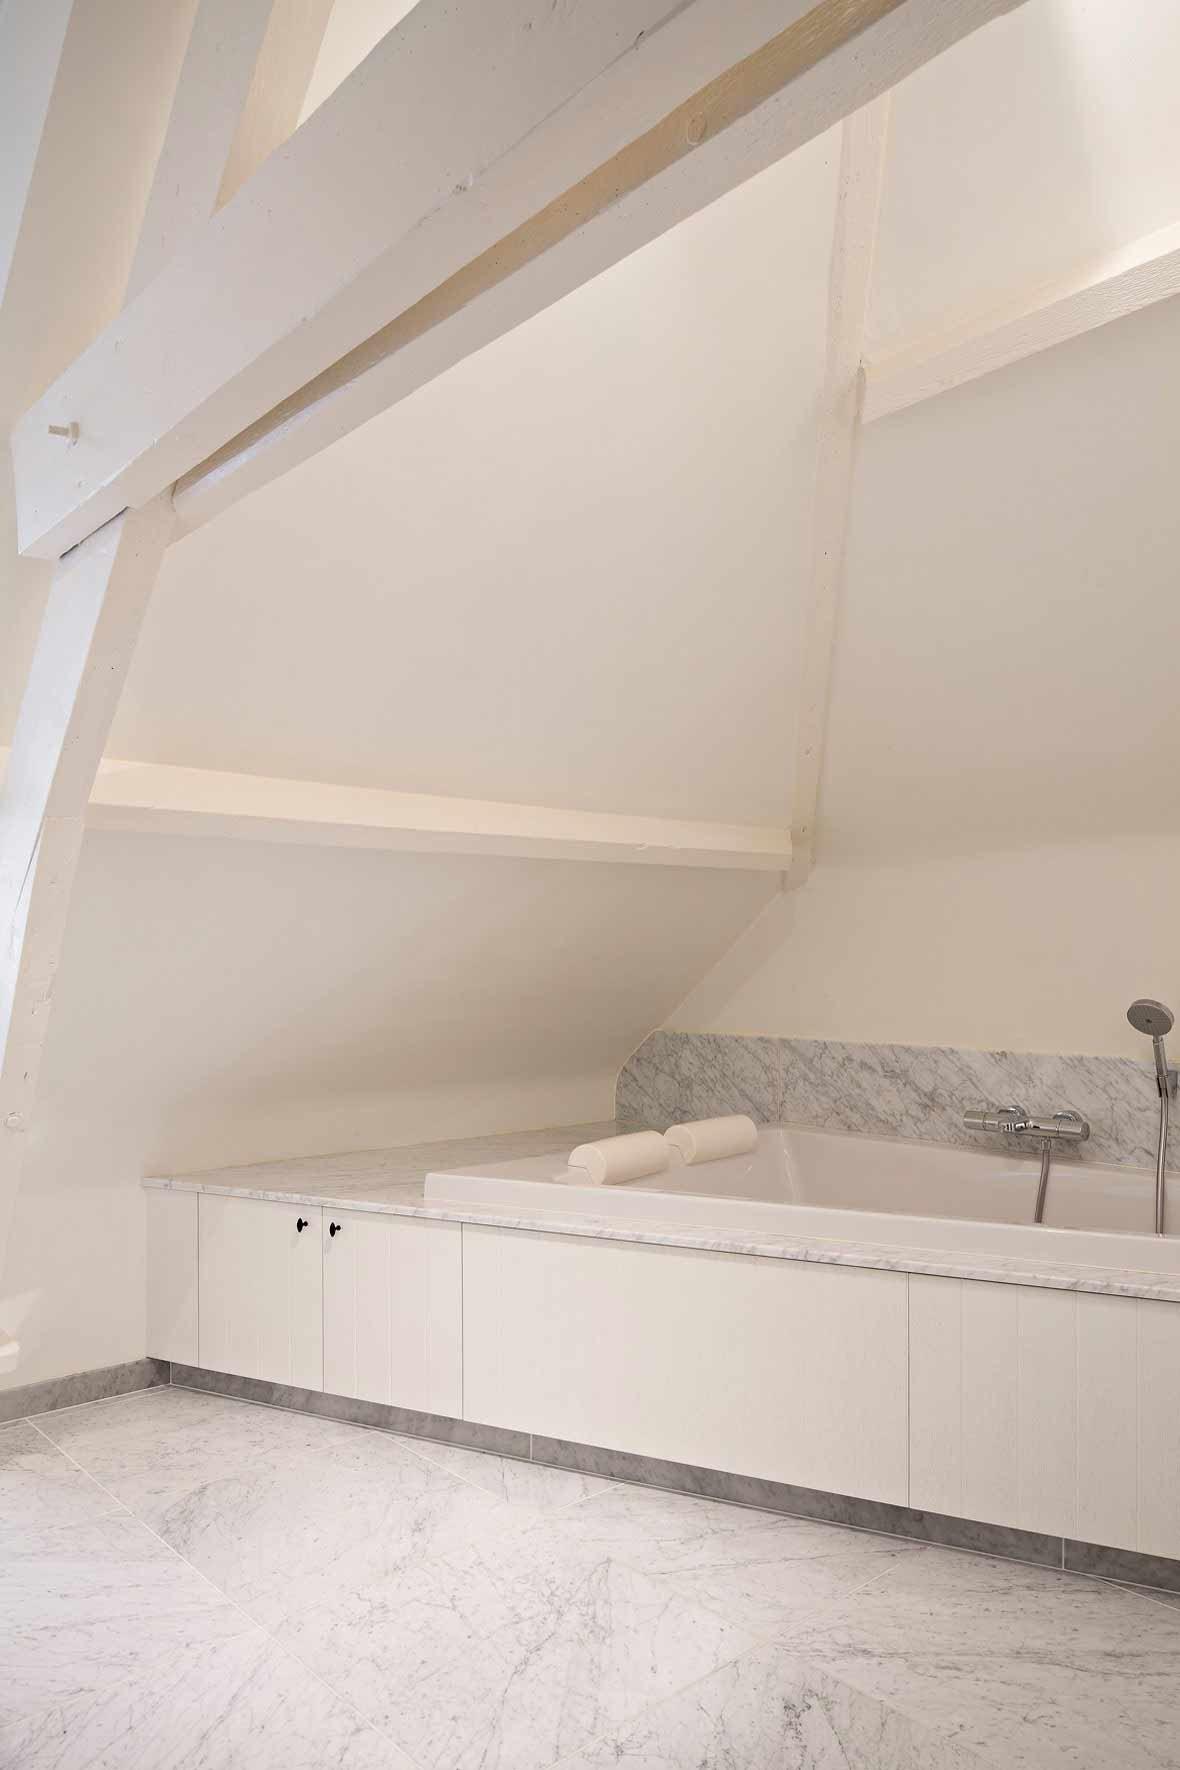 Totaalinrichting-badkamer-landelijk-Geluwe-1.jpg